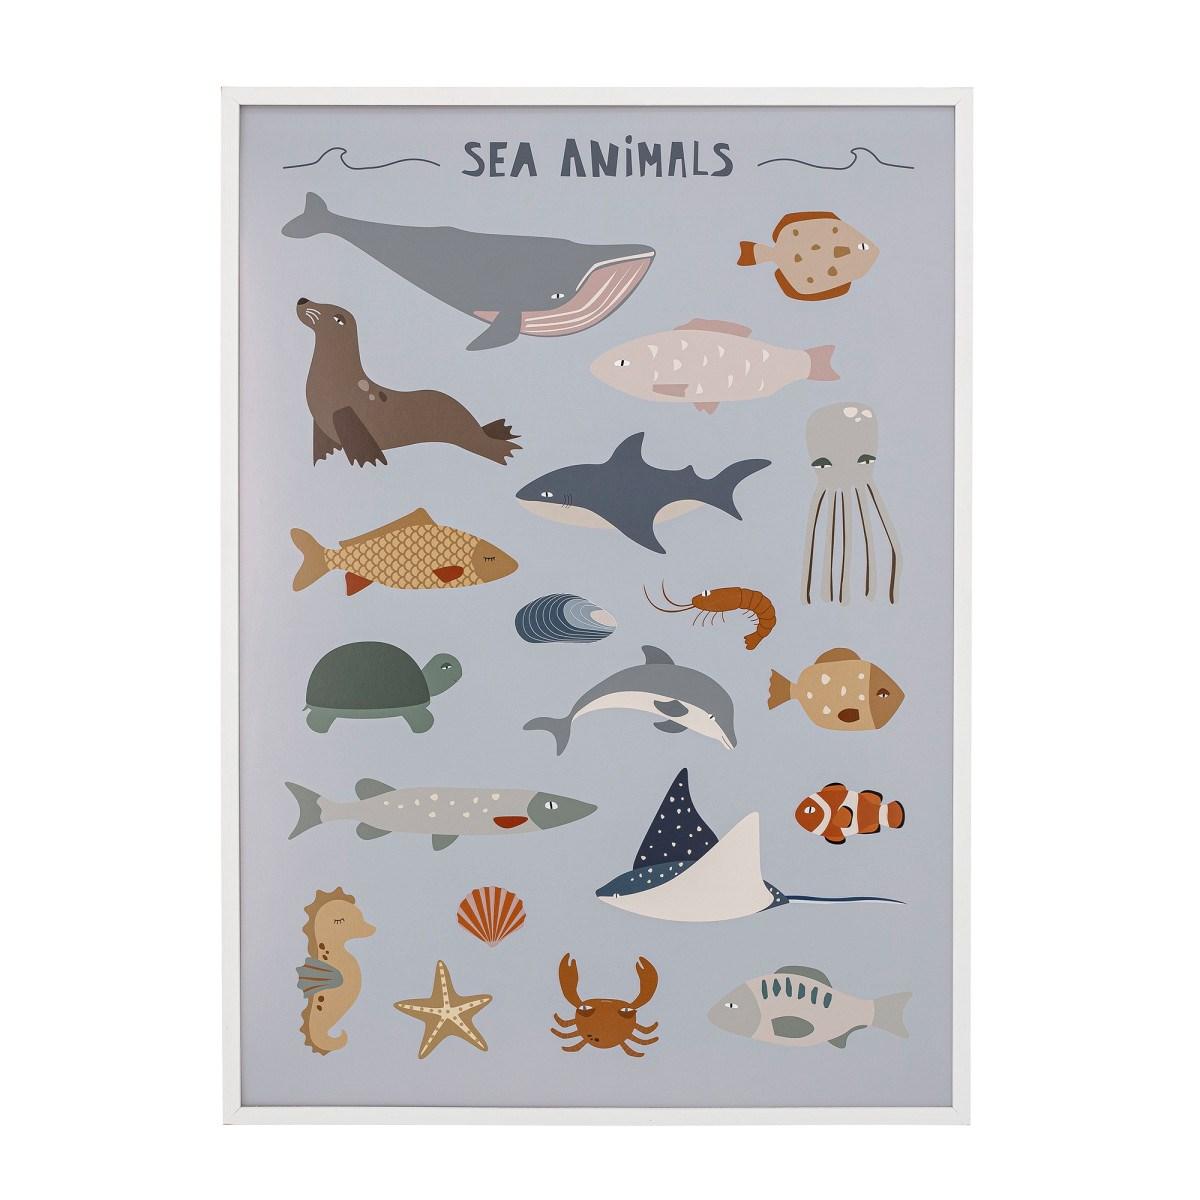 Plakát v bílém rámu Cay mořští živočichové 72x52 cm_3